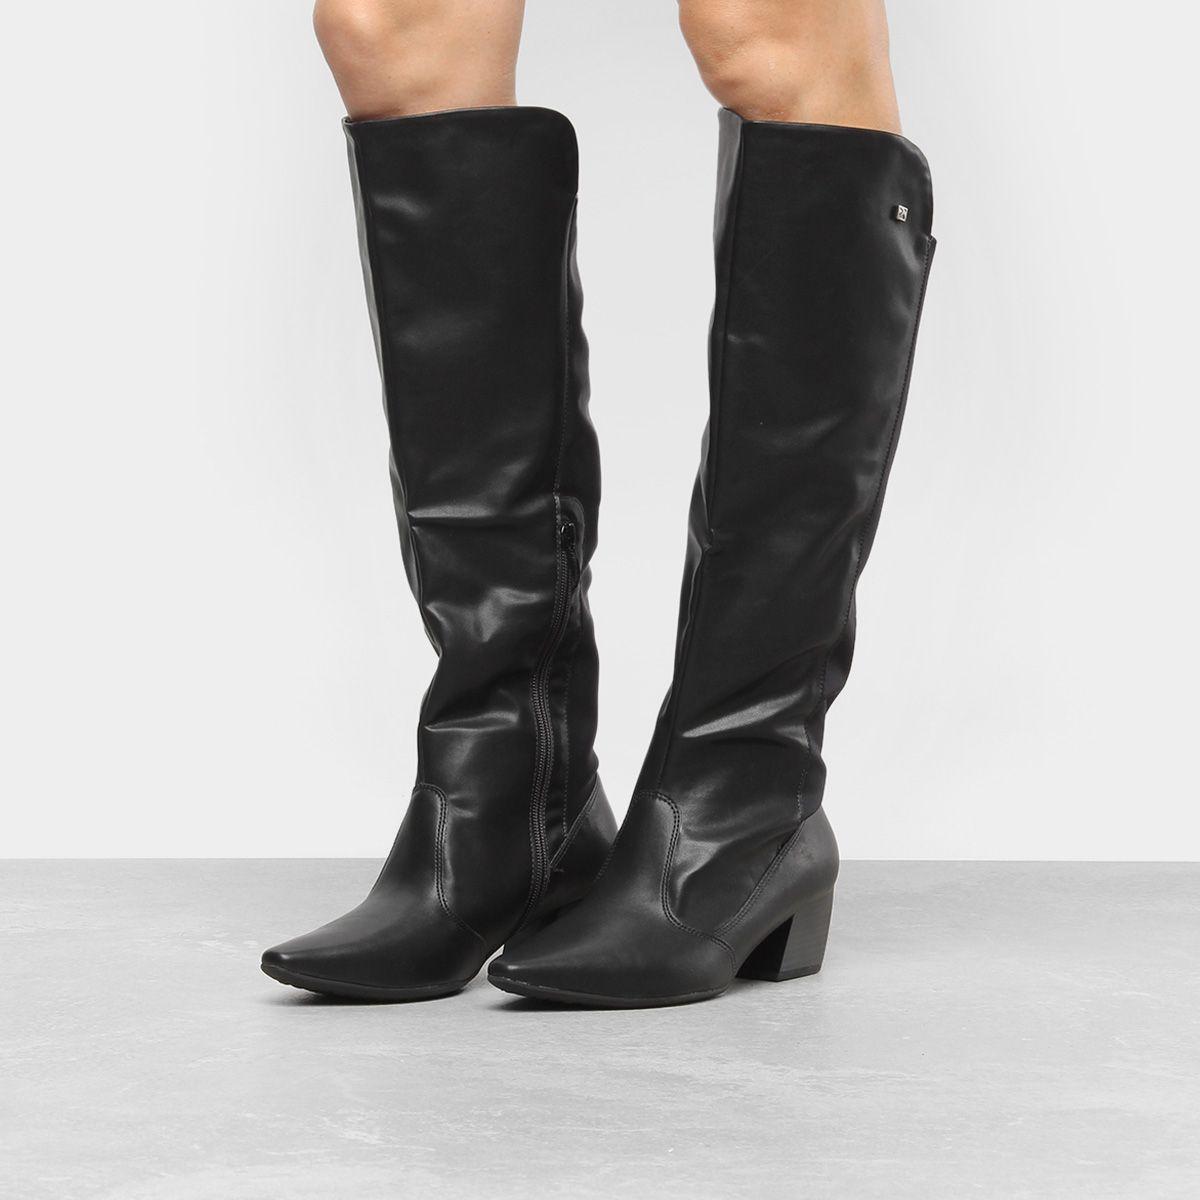 4a86bfe20 Compre Bota Over the Knee Piccadilly Salto Baixo Feminina e muito mais em  roupas, calçados